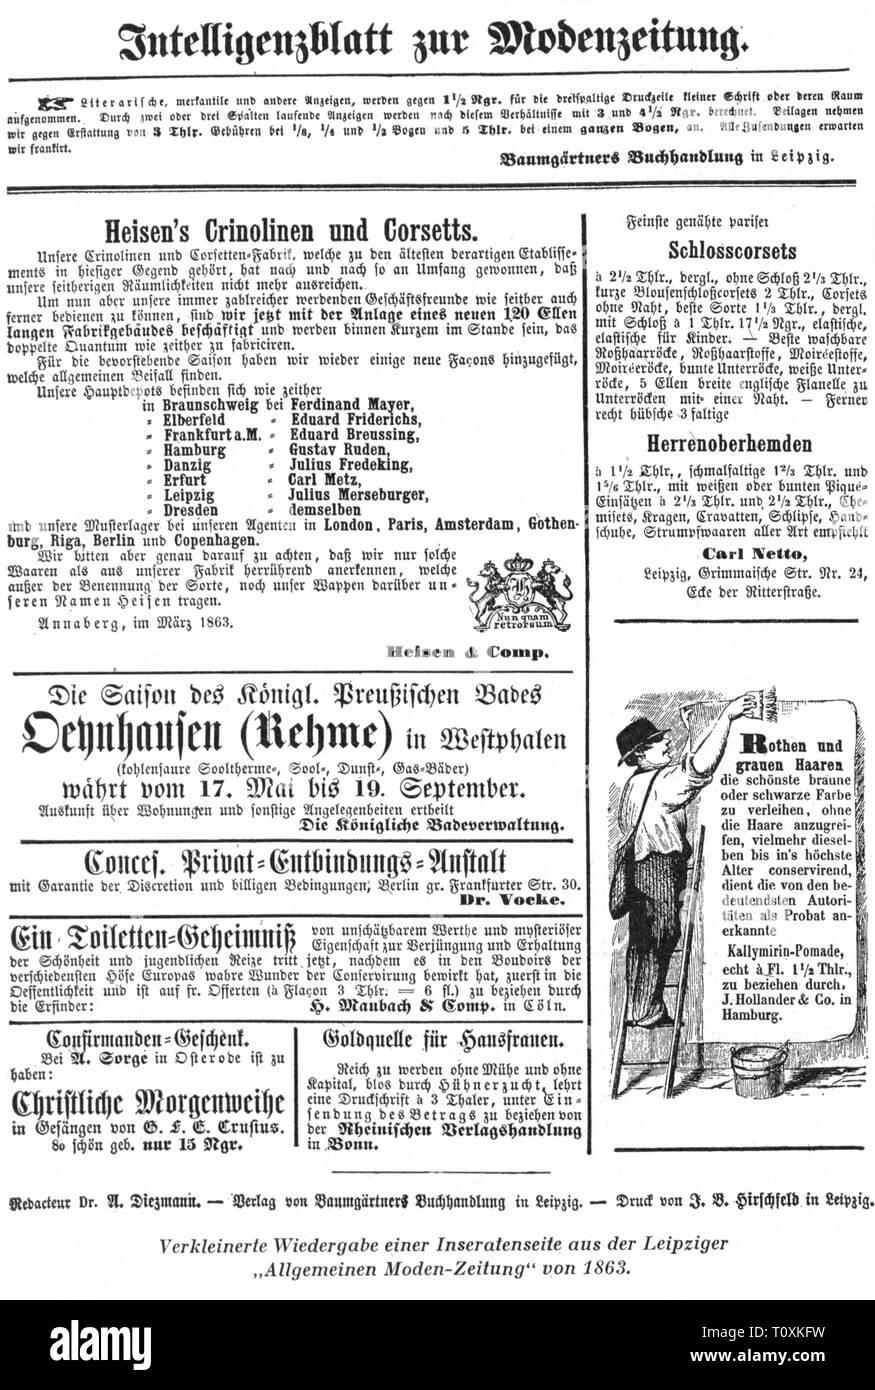 """Pubblicità, stampa / media, ad-pagina, da: """"Allgemeine Moden-Zeitung', Lipsia, 1863, artista del diritto d'autore non deve essere cancellata Immagini Stock"""